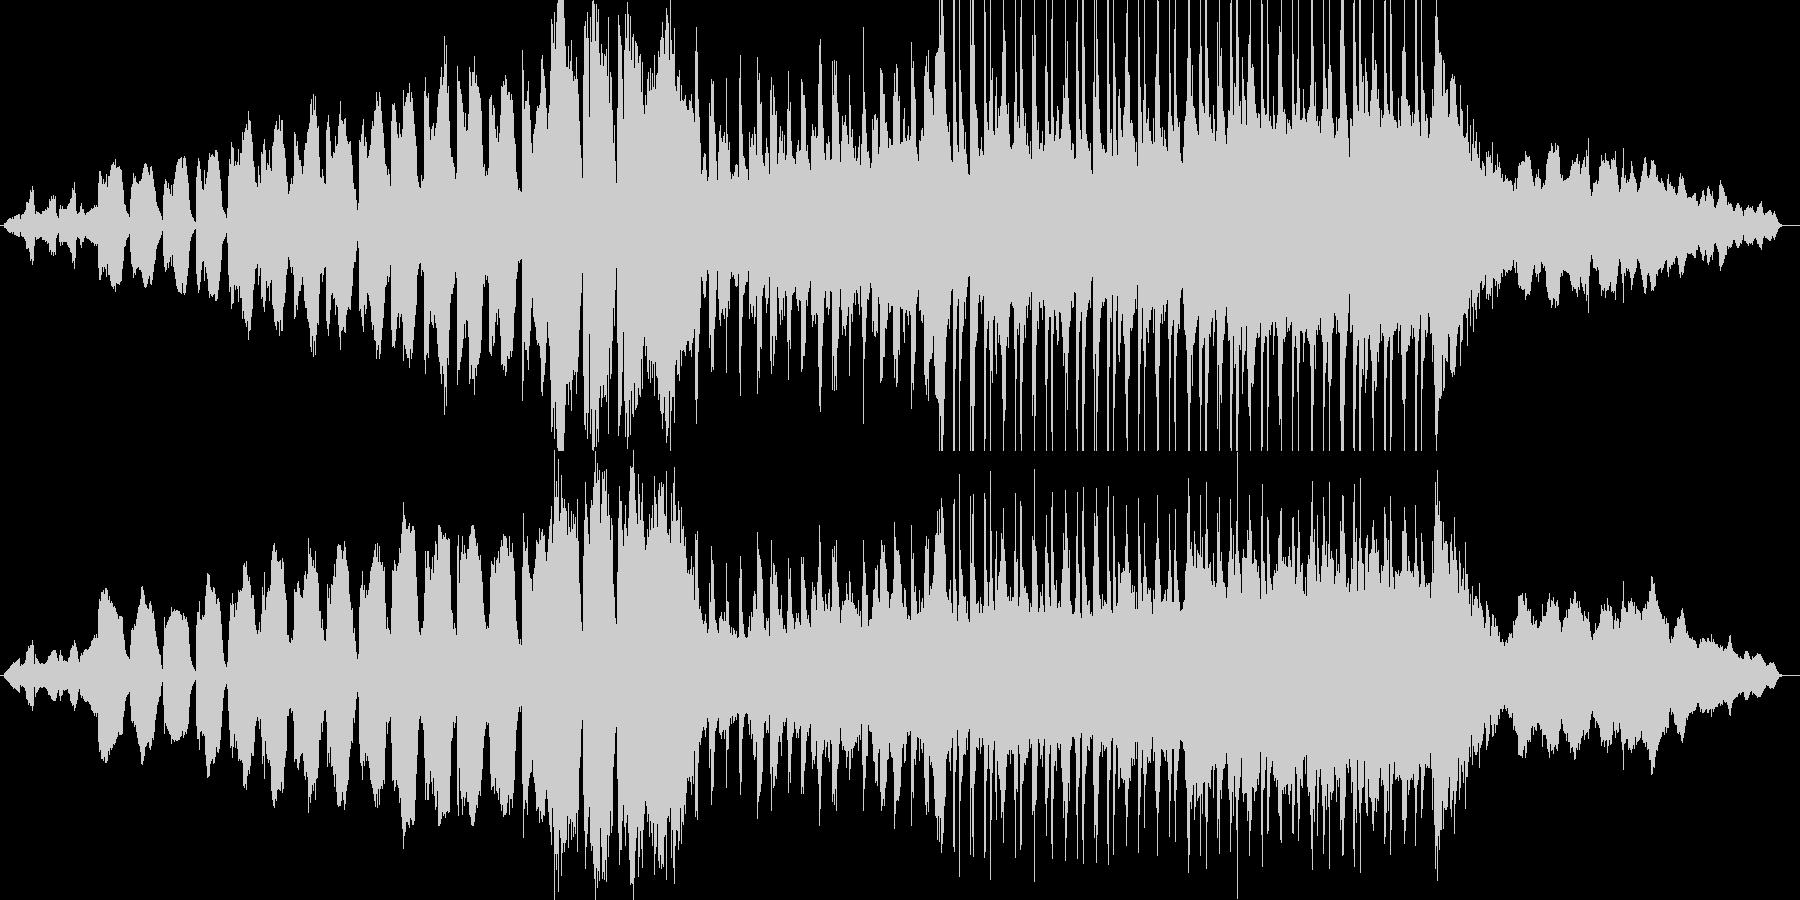 オーケストラによる壮大なプレリュードの未再生の波形